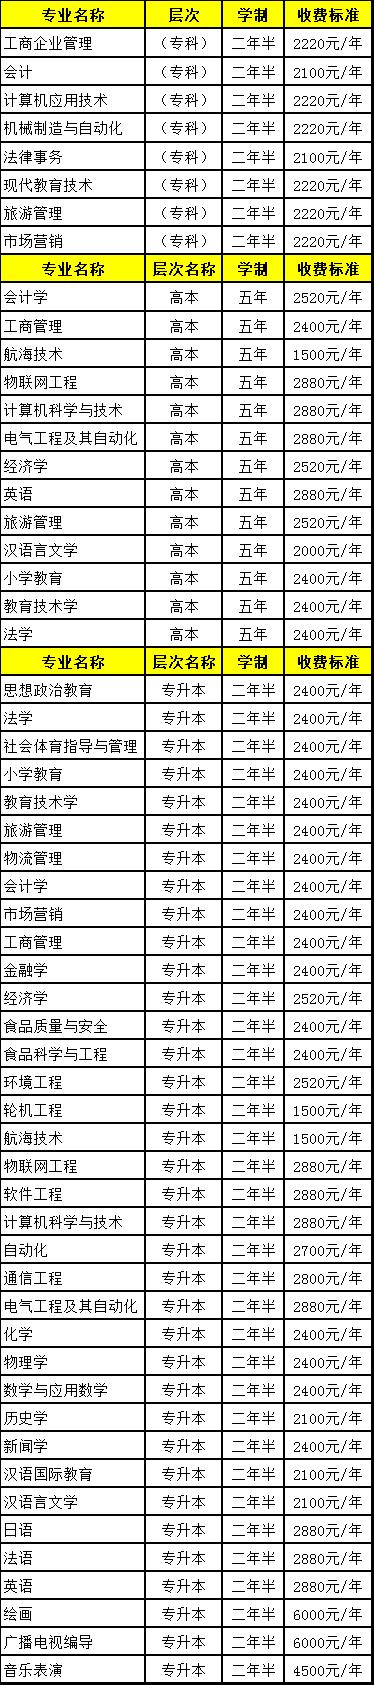 渤海大学2019年成人高考招生简章.png